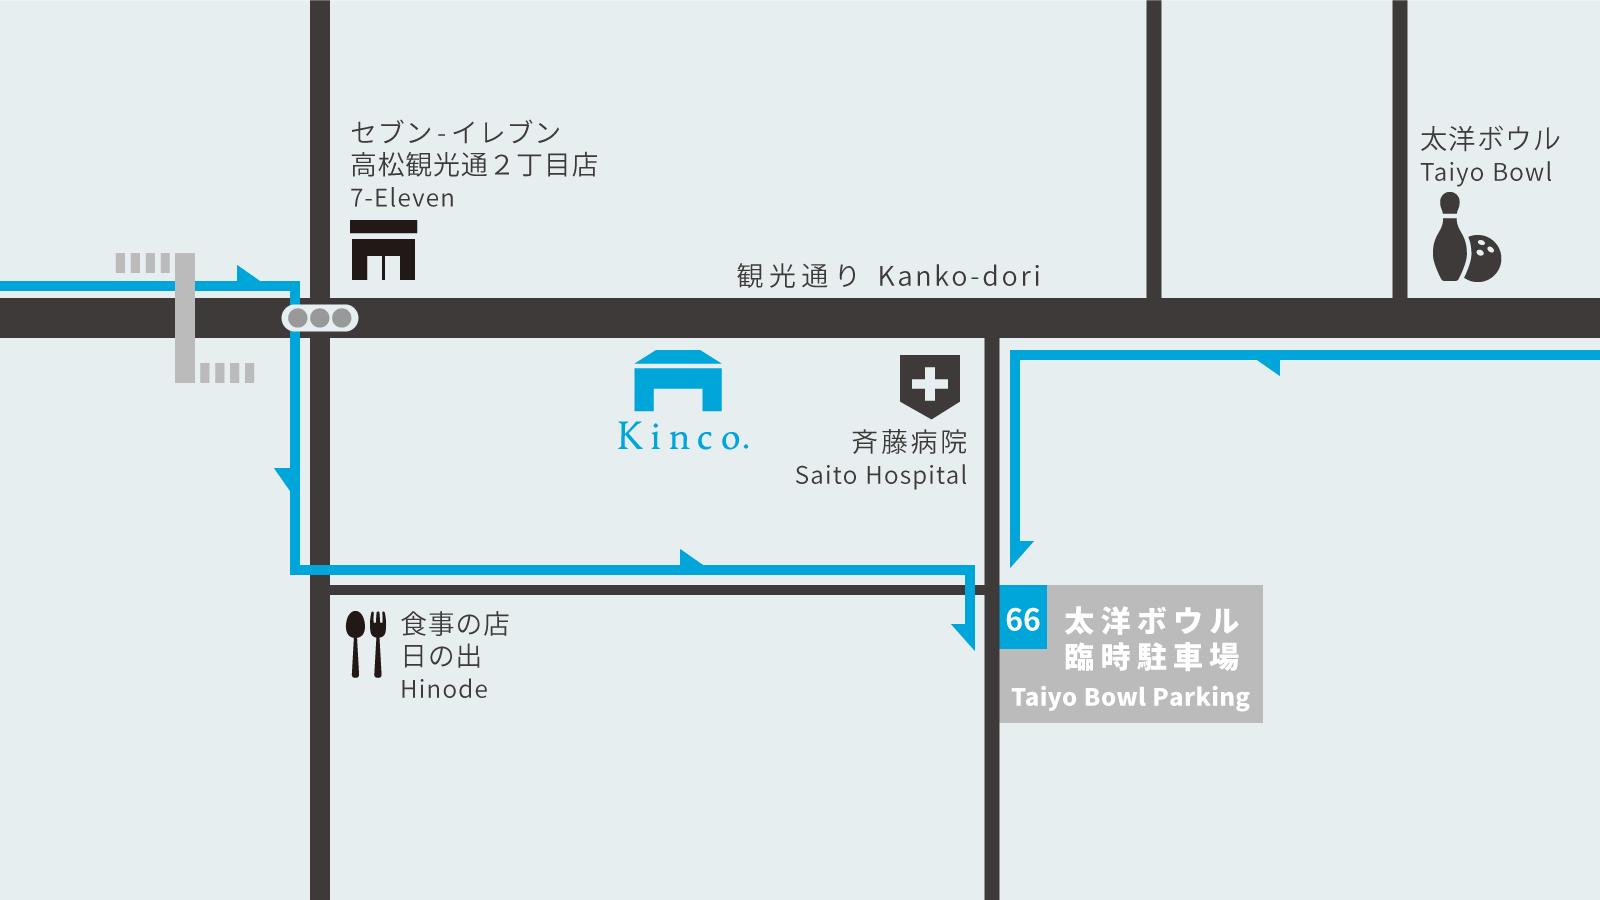 高松のゲストハウスKinco.お客様専用 無料駐車場 マップ